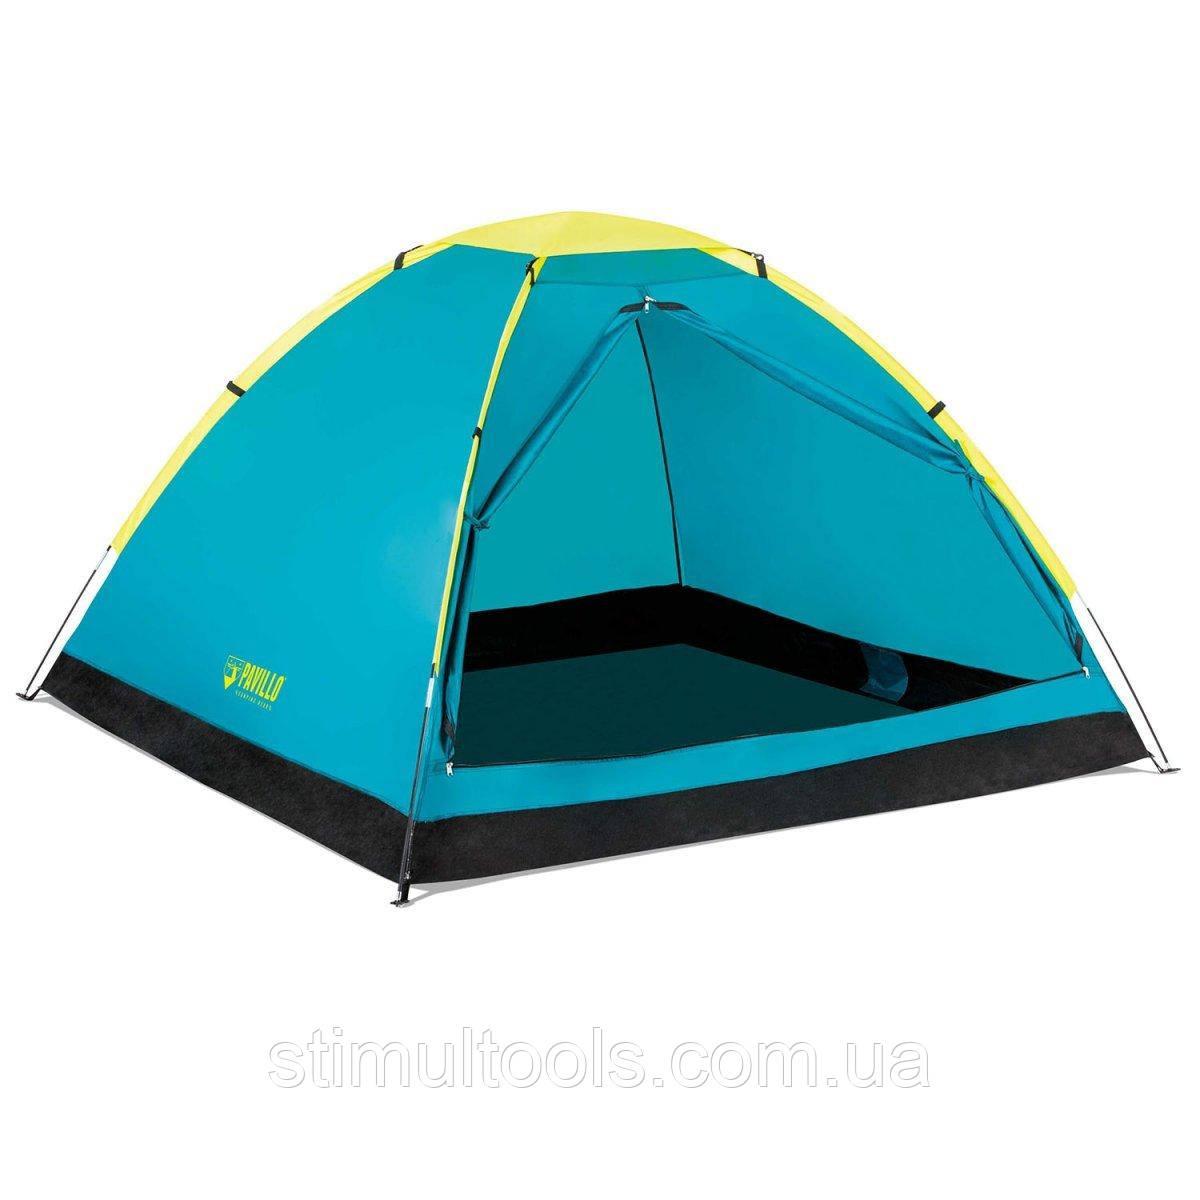 Трехместная палатка Pavillo Bestway Cool Dome 3, 210 х 210 х 130 см